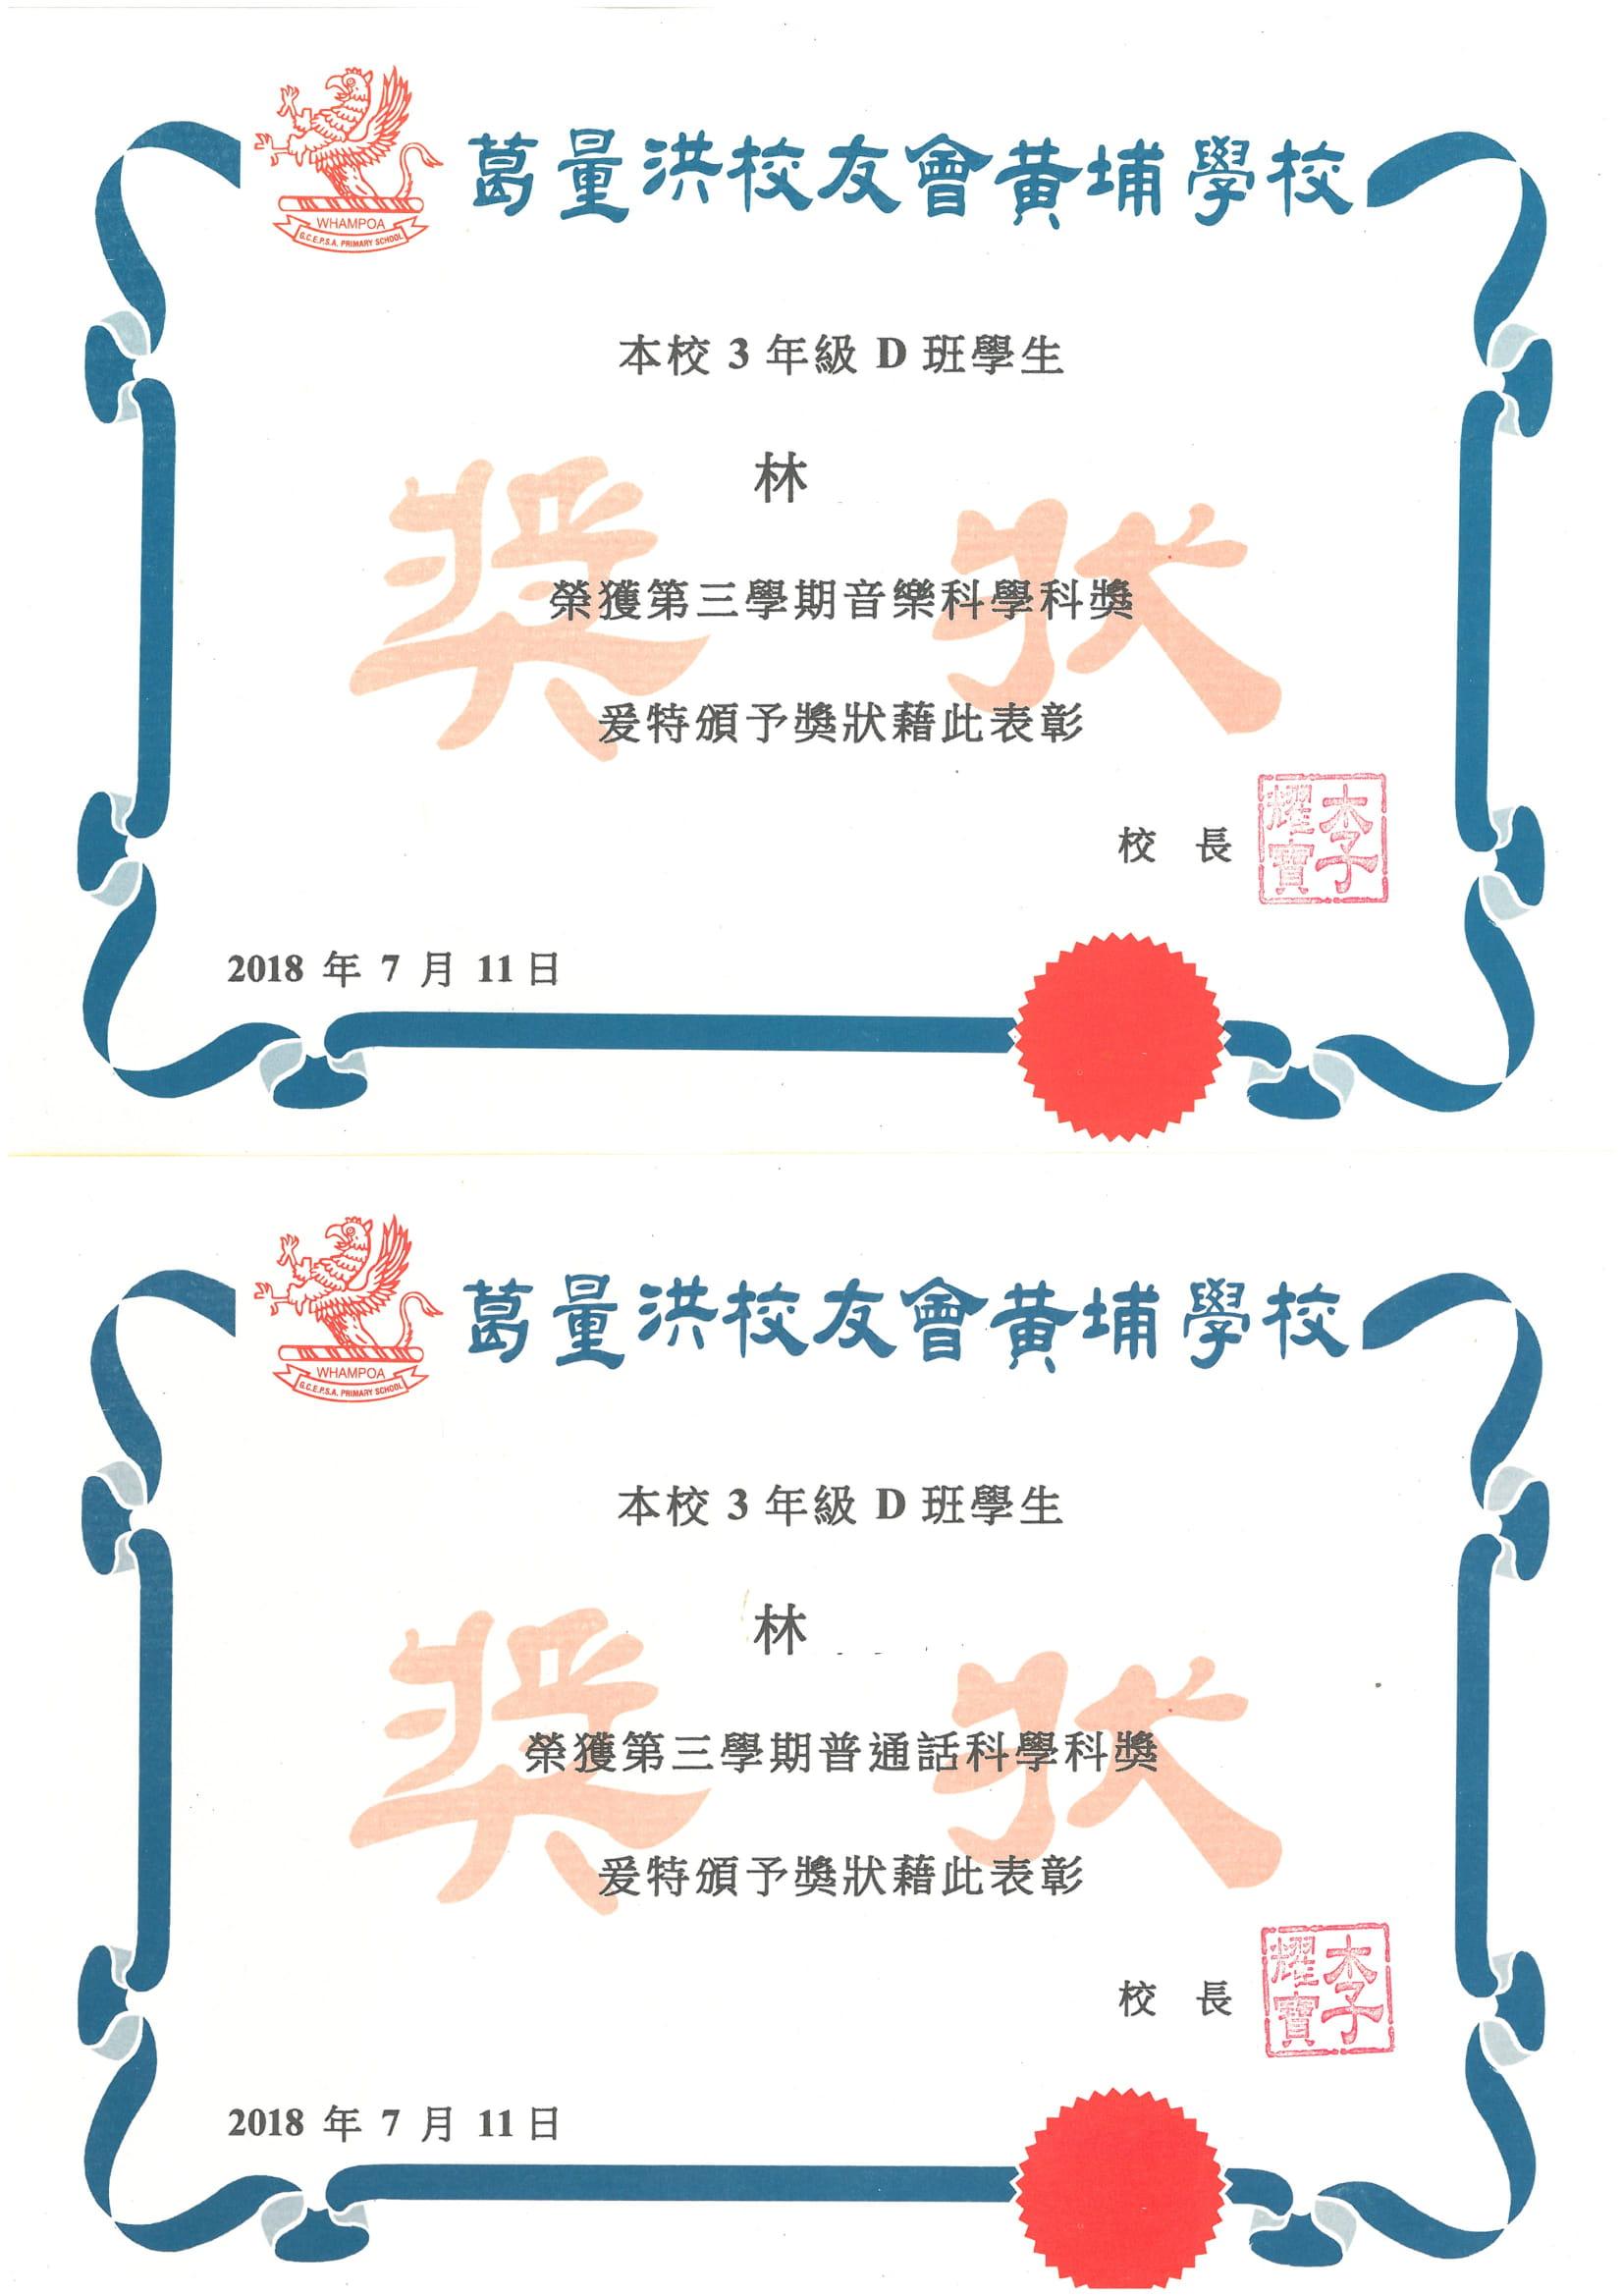 葛 林 P3 英,數,常,音,普,服務獎-2